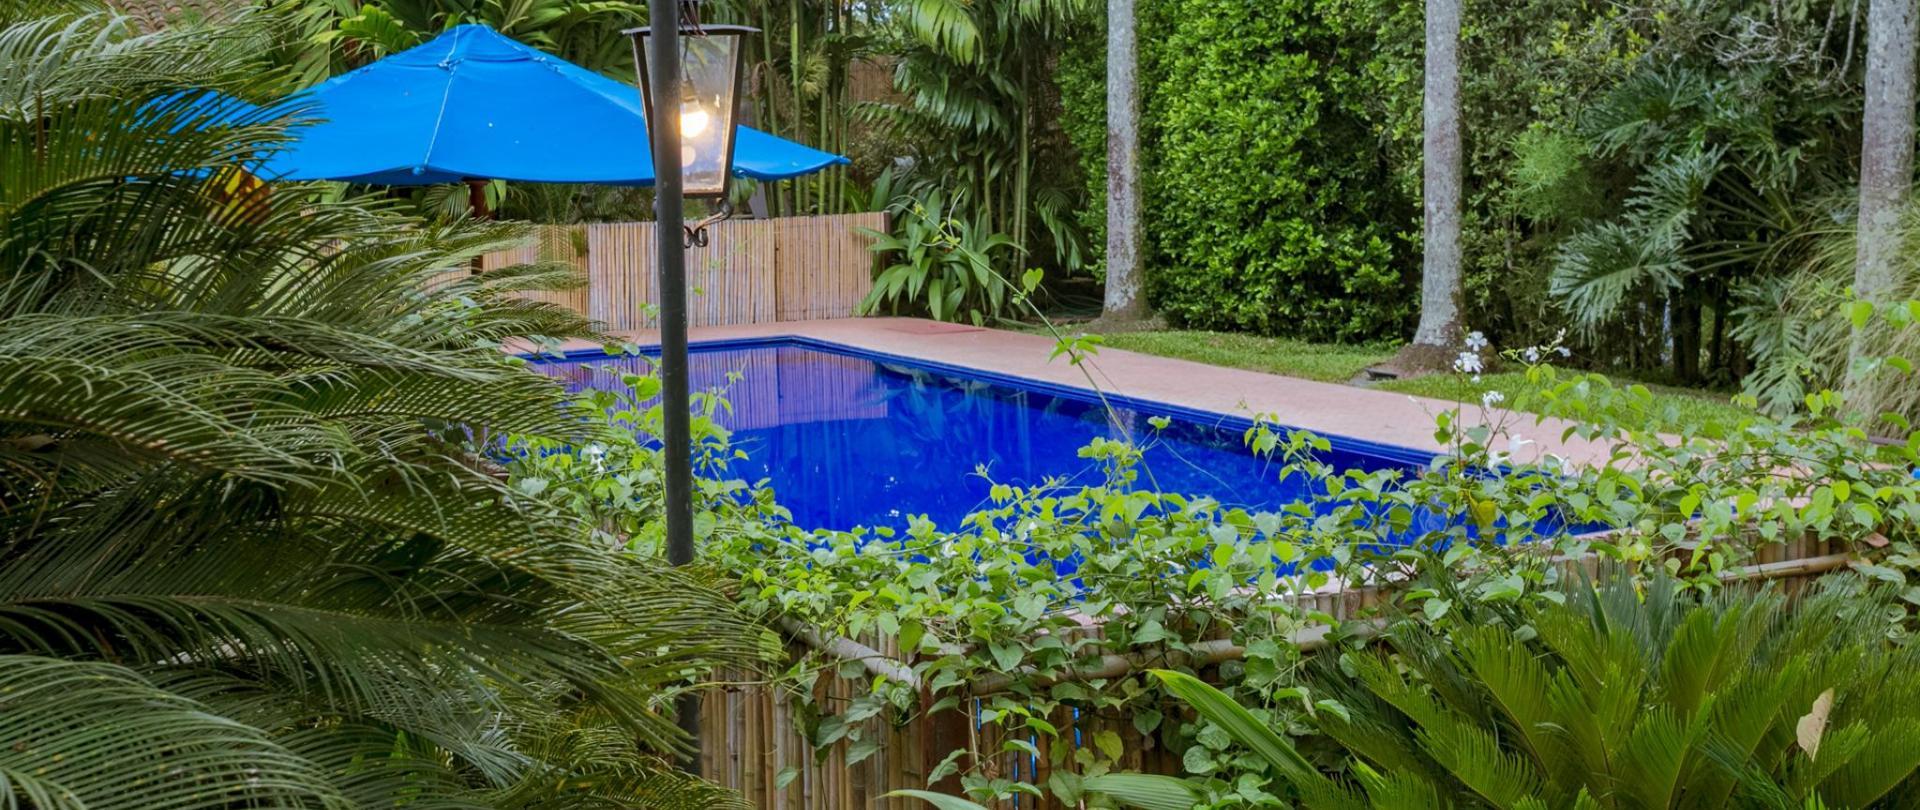 piscina-sazagua.jpg